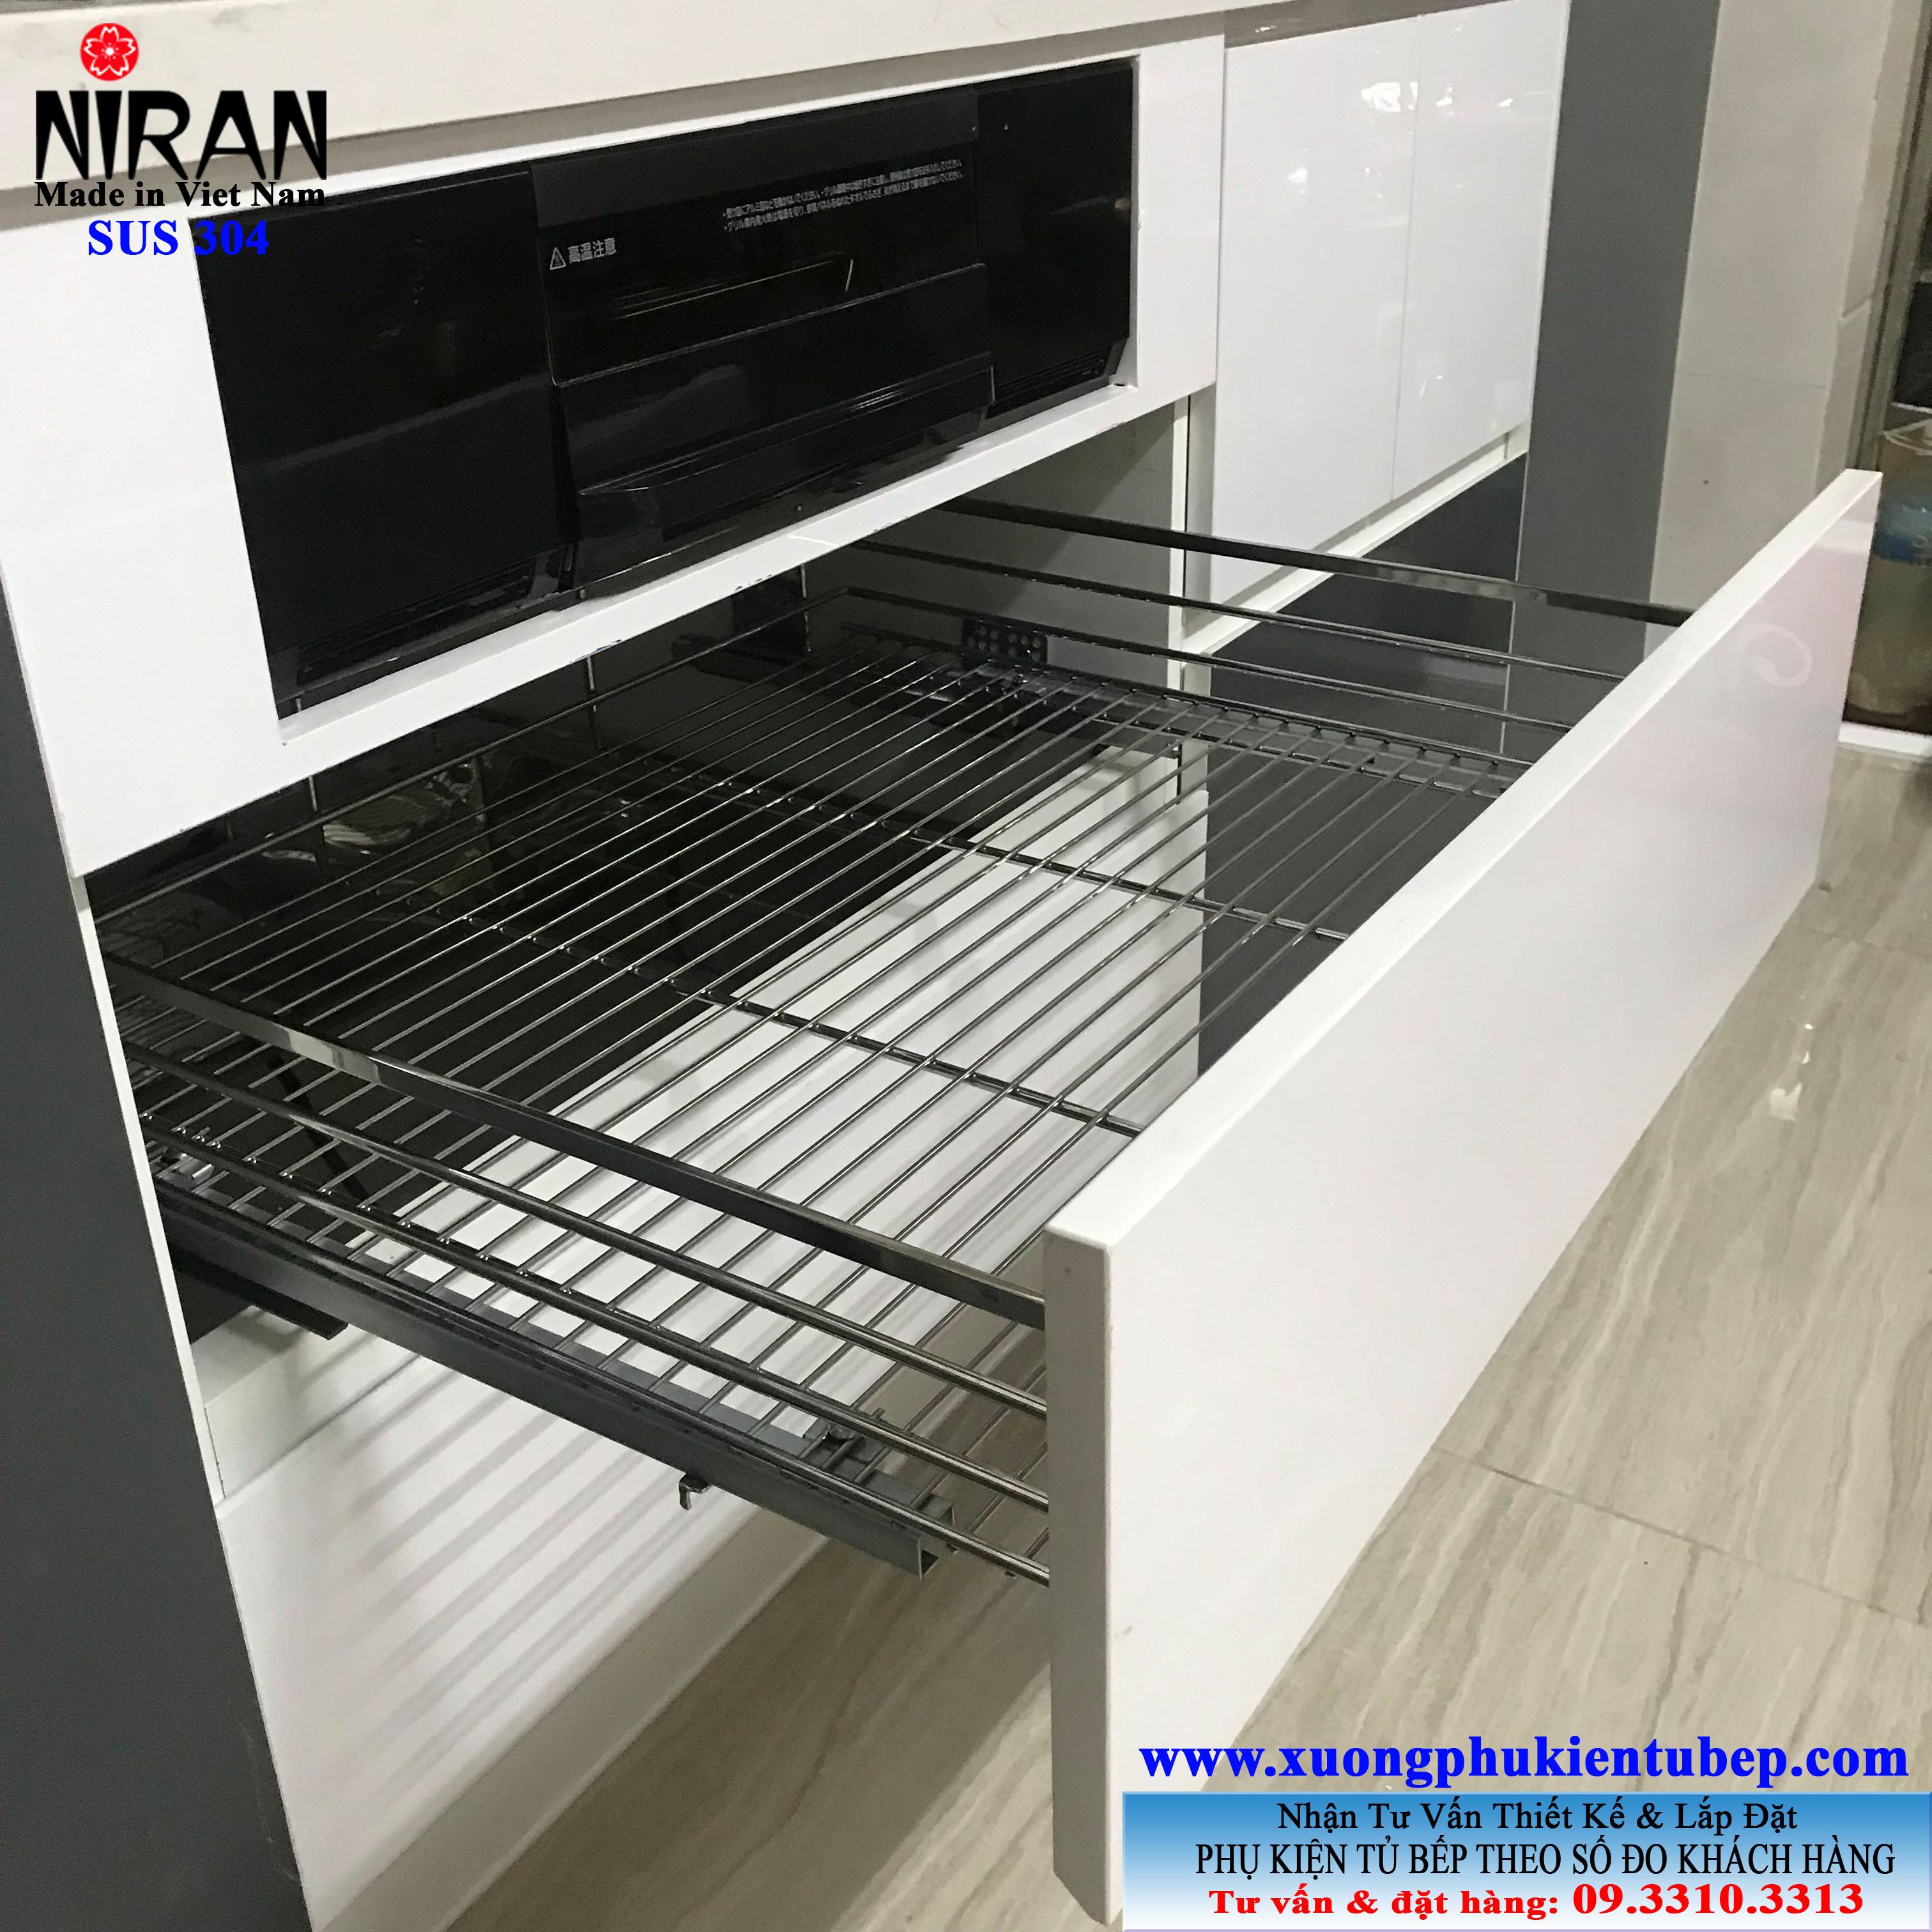 Rổ chén dĩa bắt mặt hộc Niran inox 304 NR0203